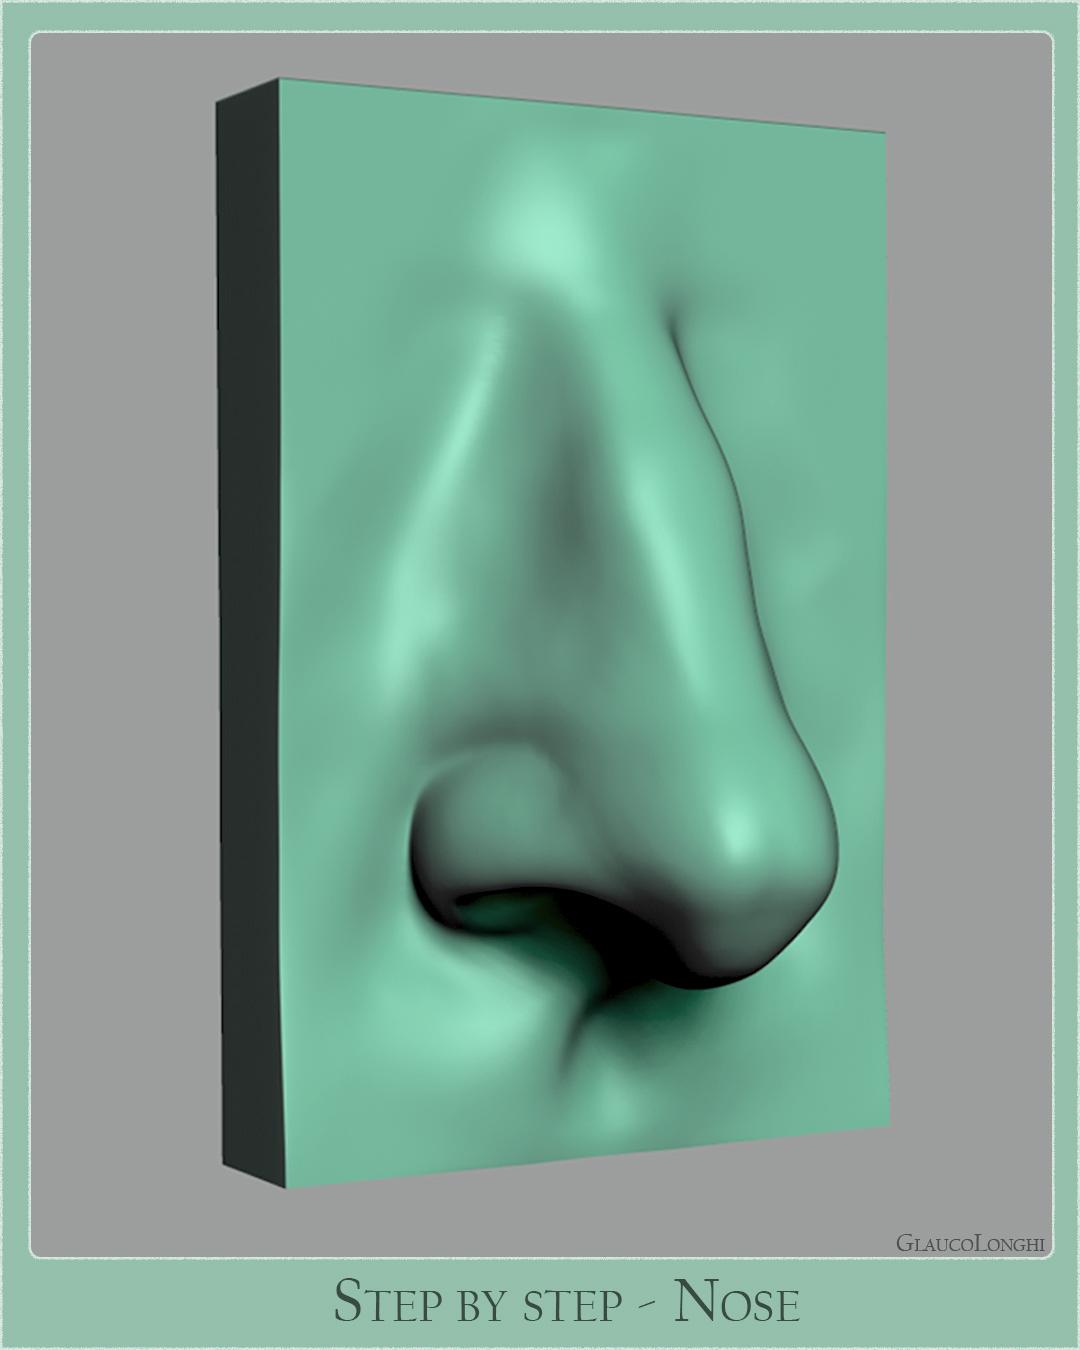 sbs_nose_001.jpg